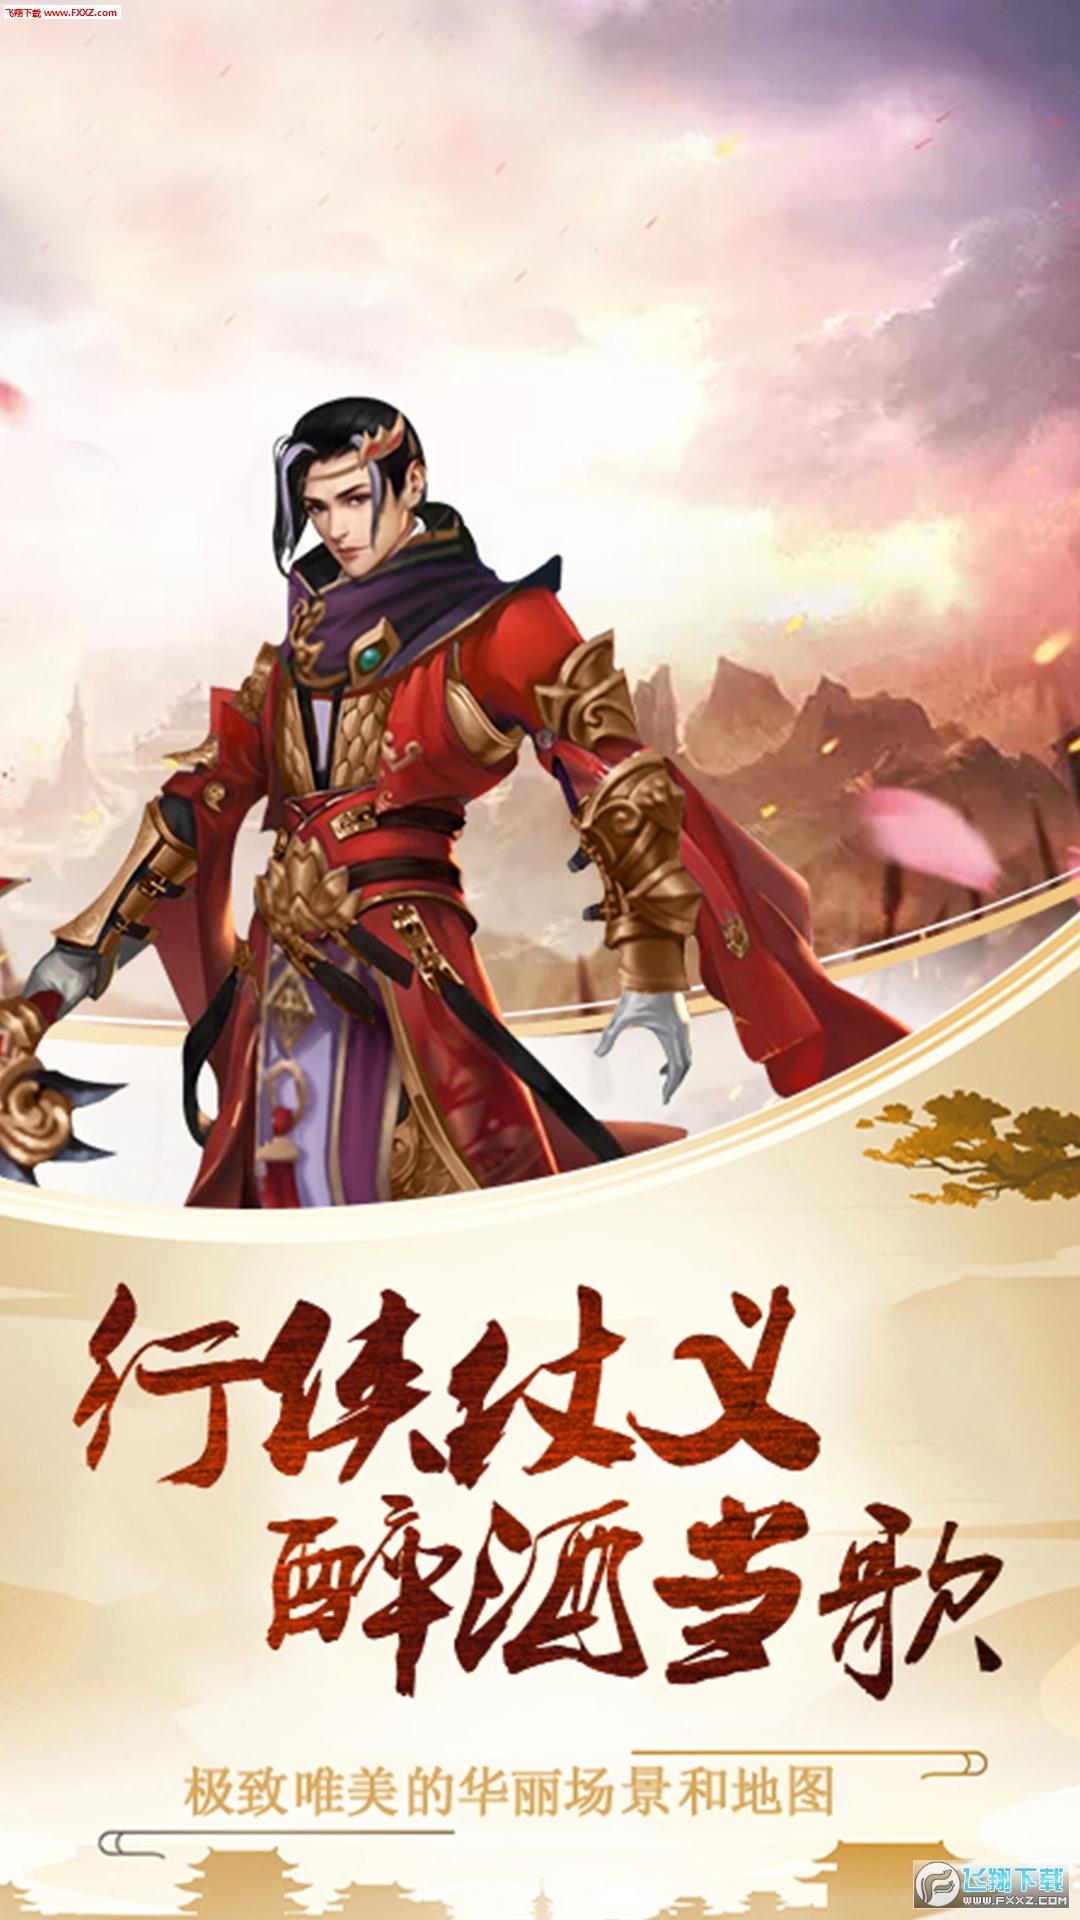 问鼎天下(仙侠)1.0.1截图3